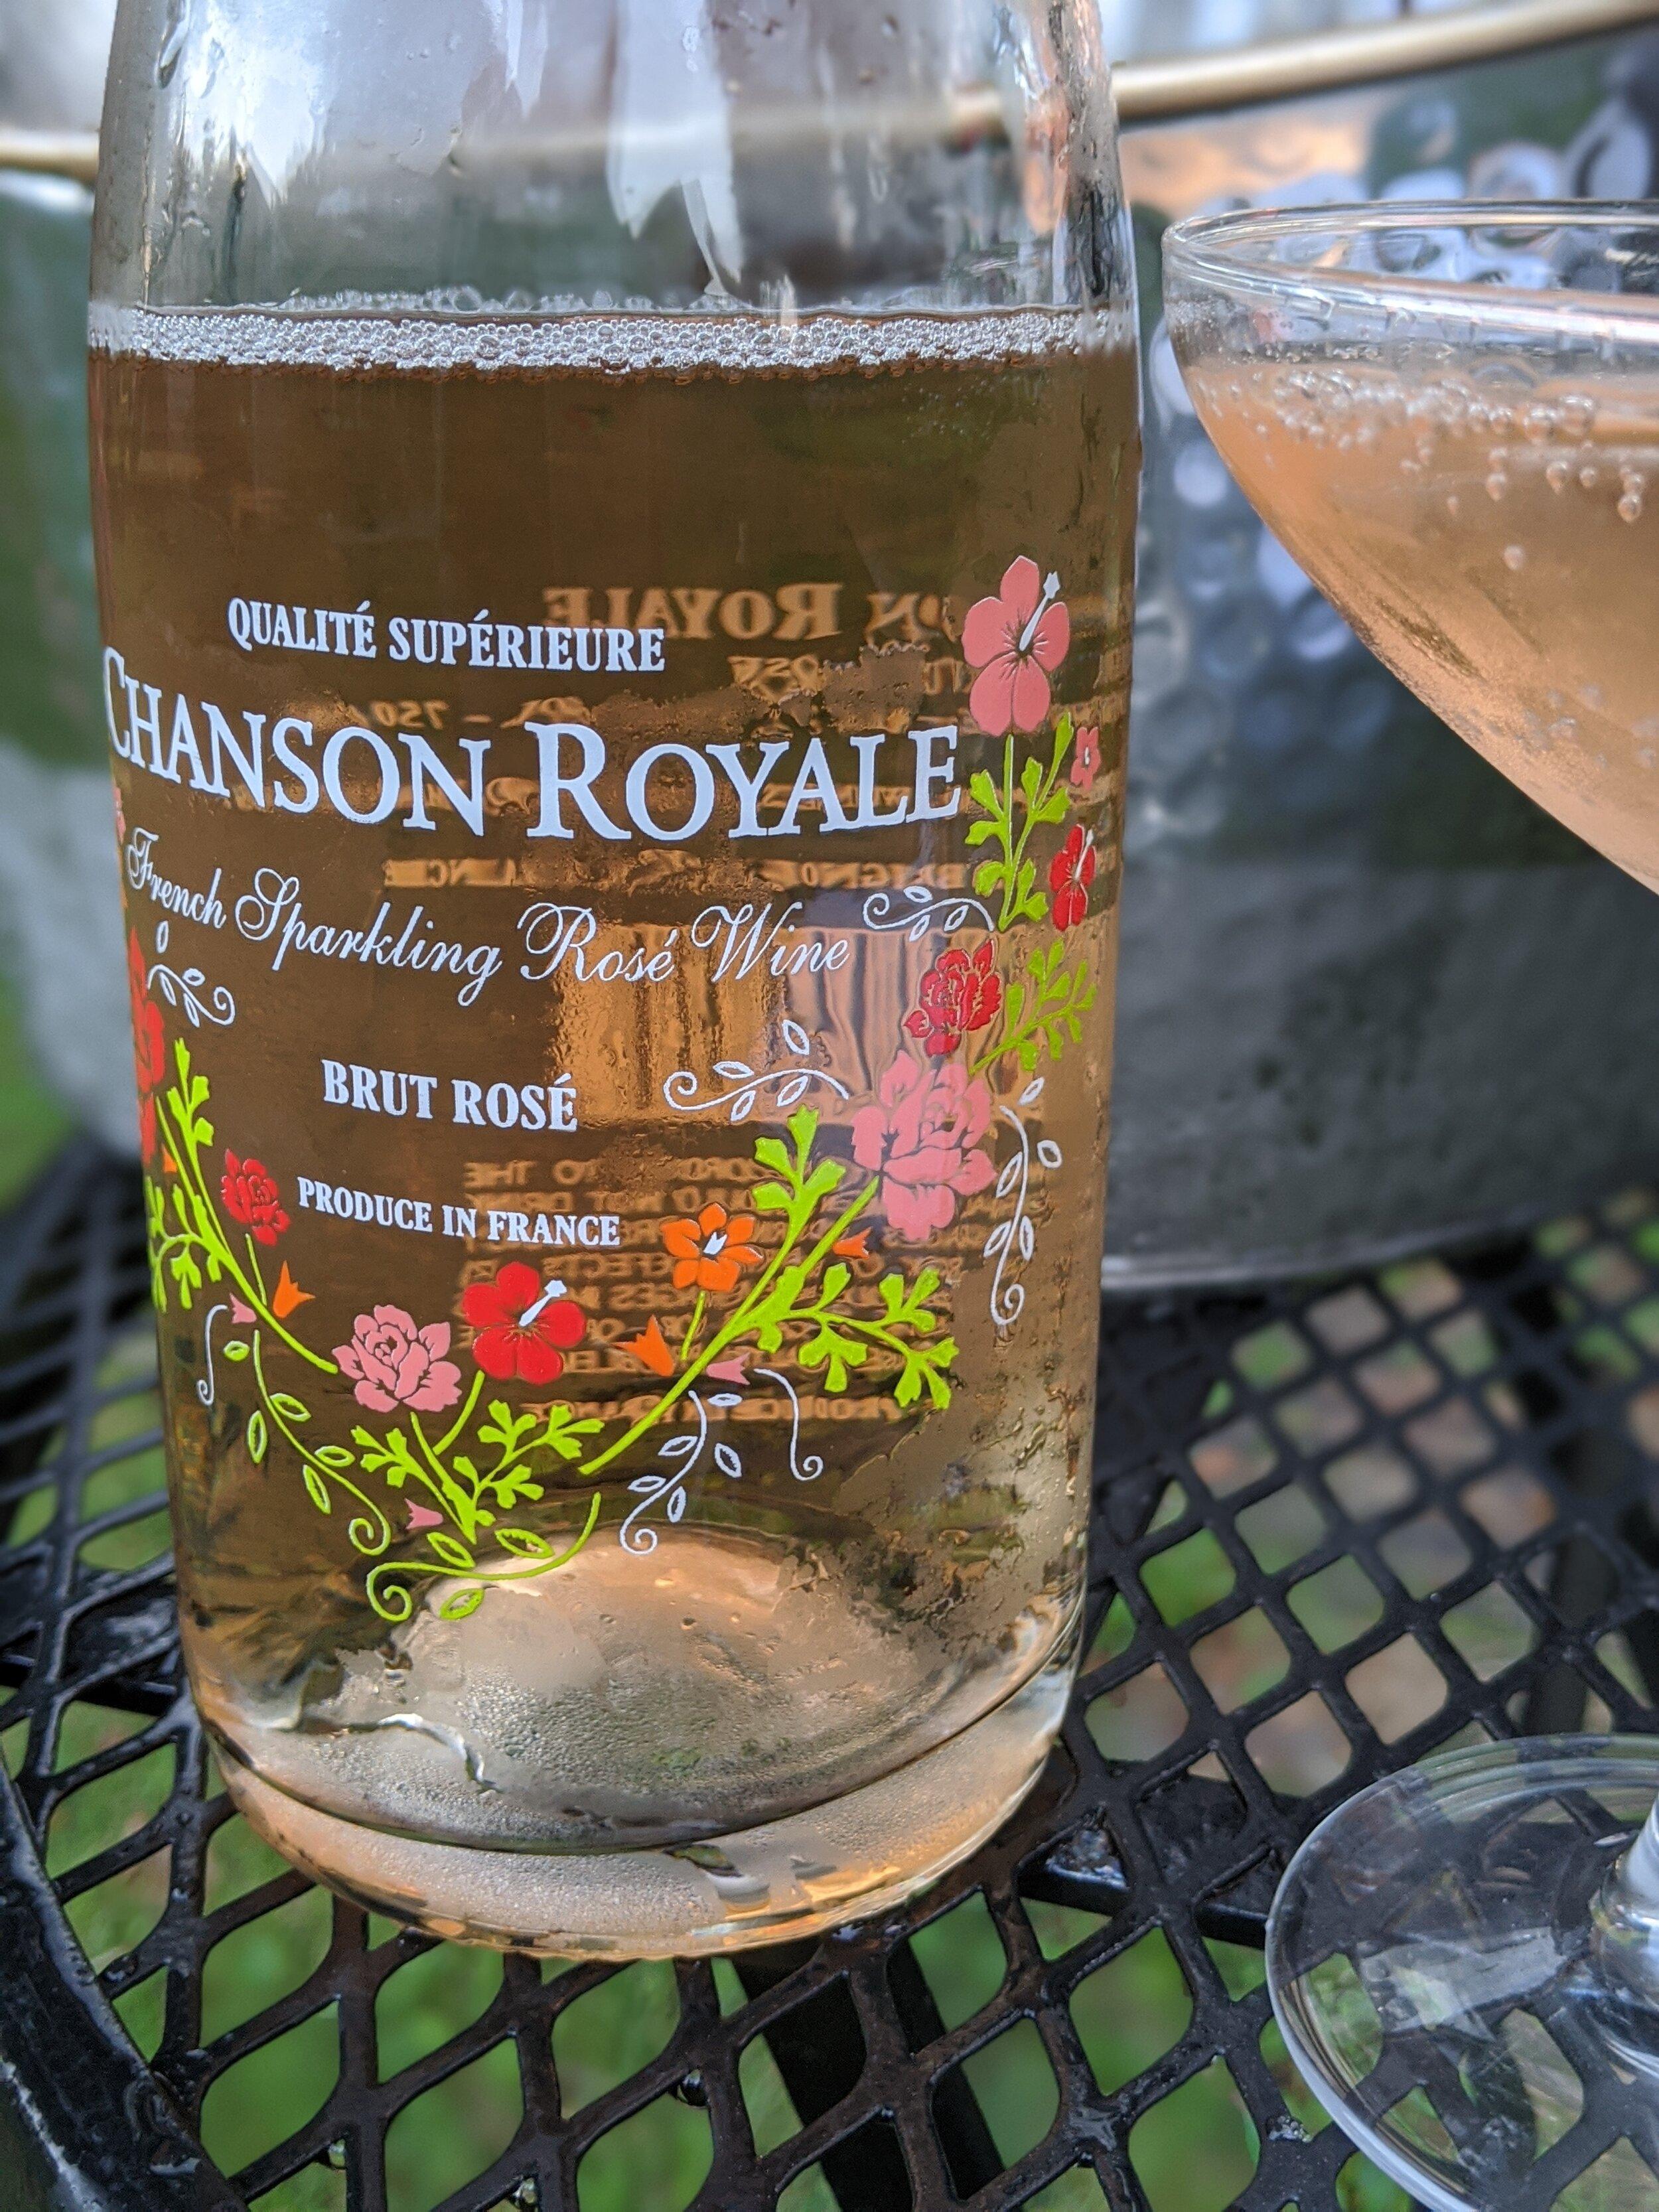 Day #2 Chanson Royale Brut Rosé